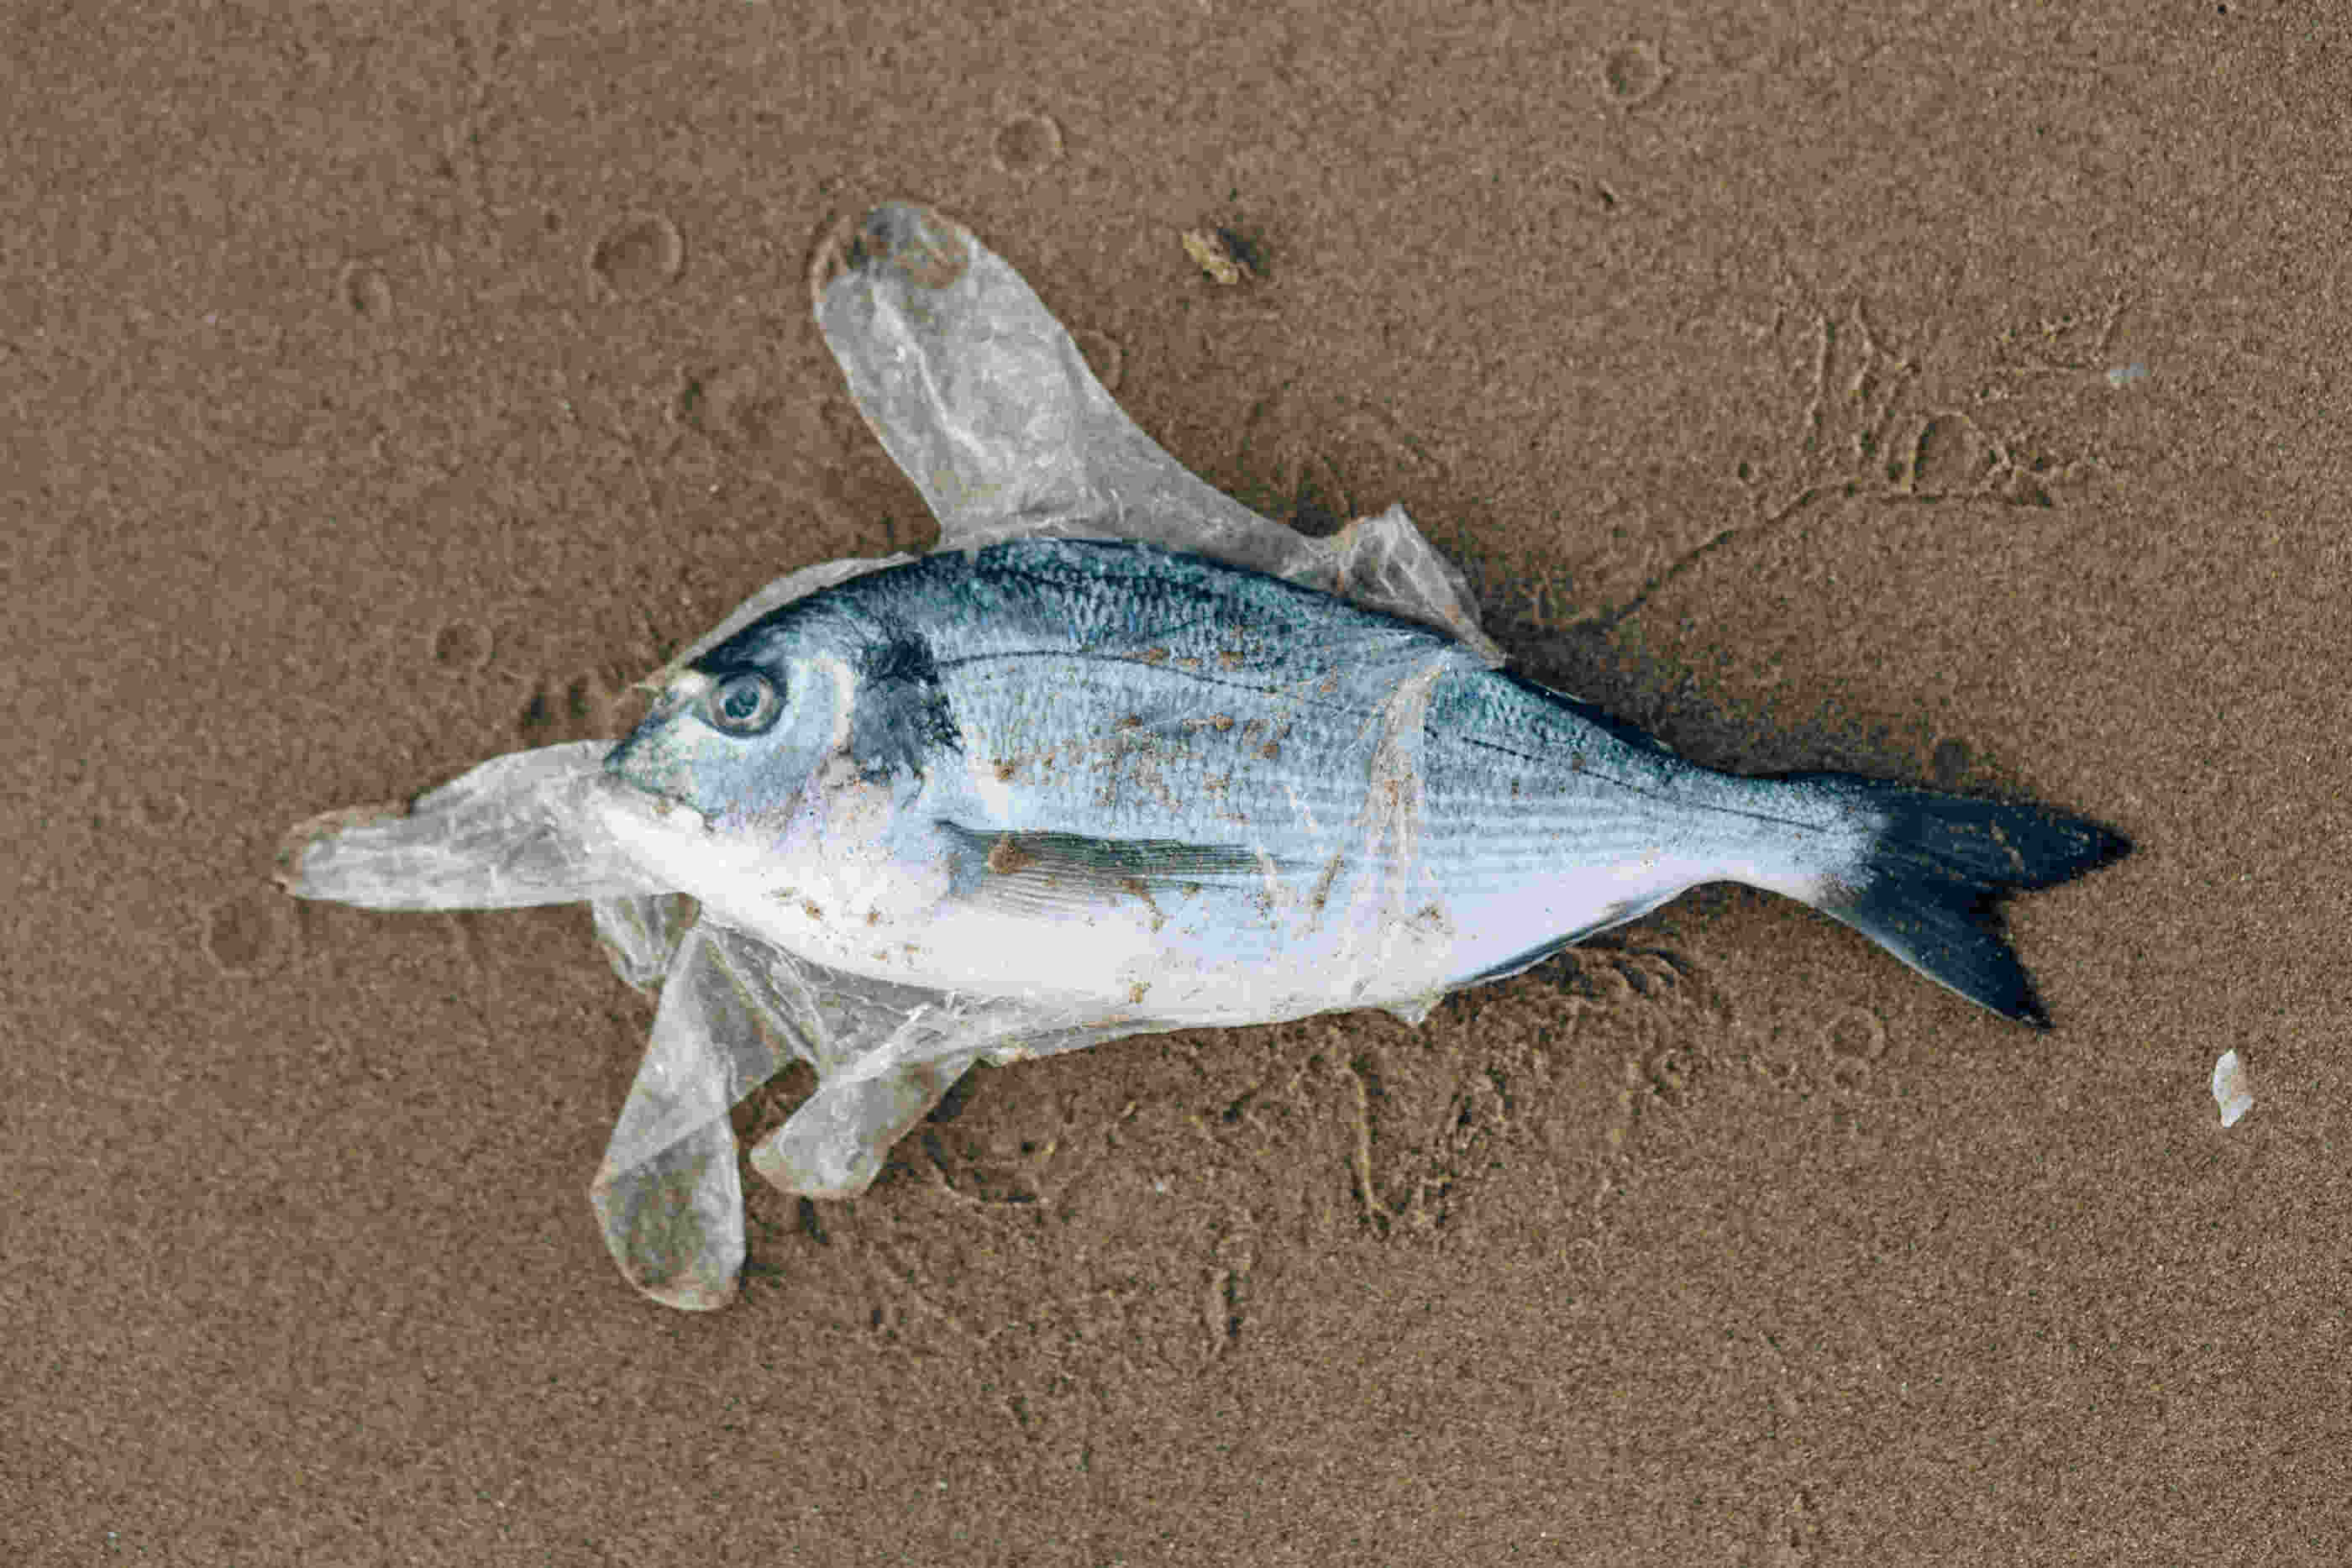 Peixe na areia morto envolto em plástico